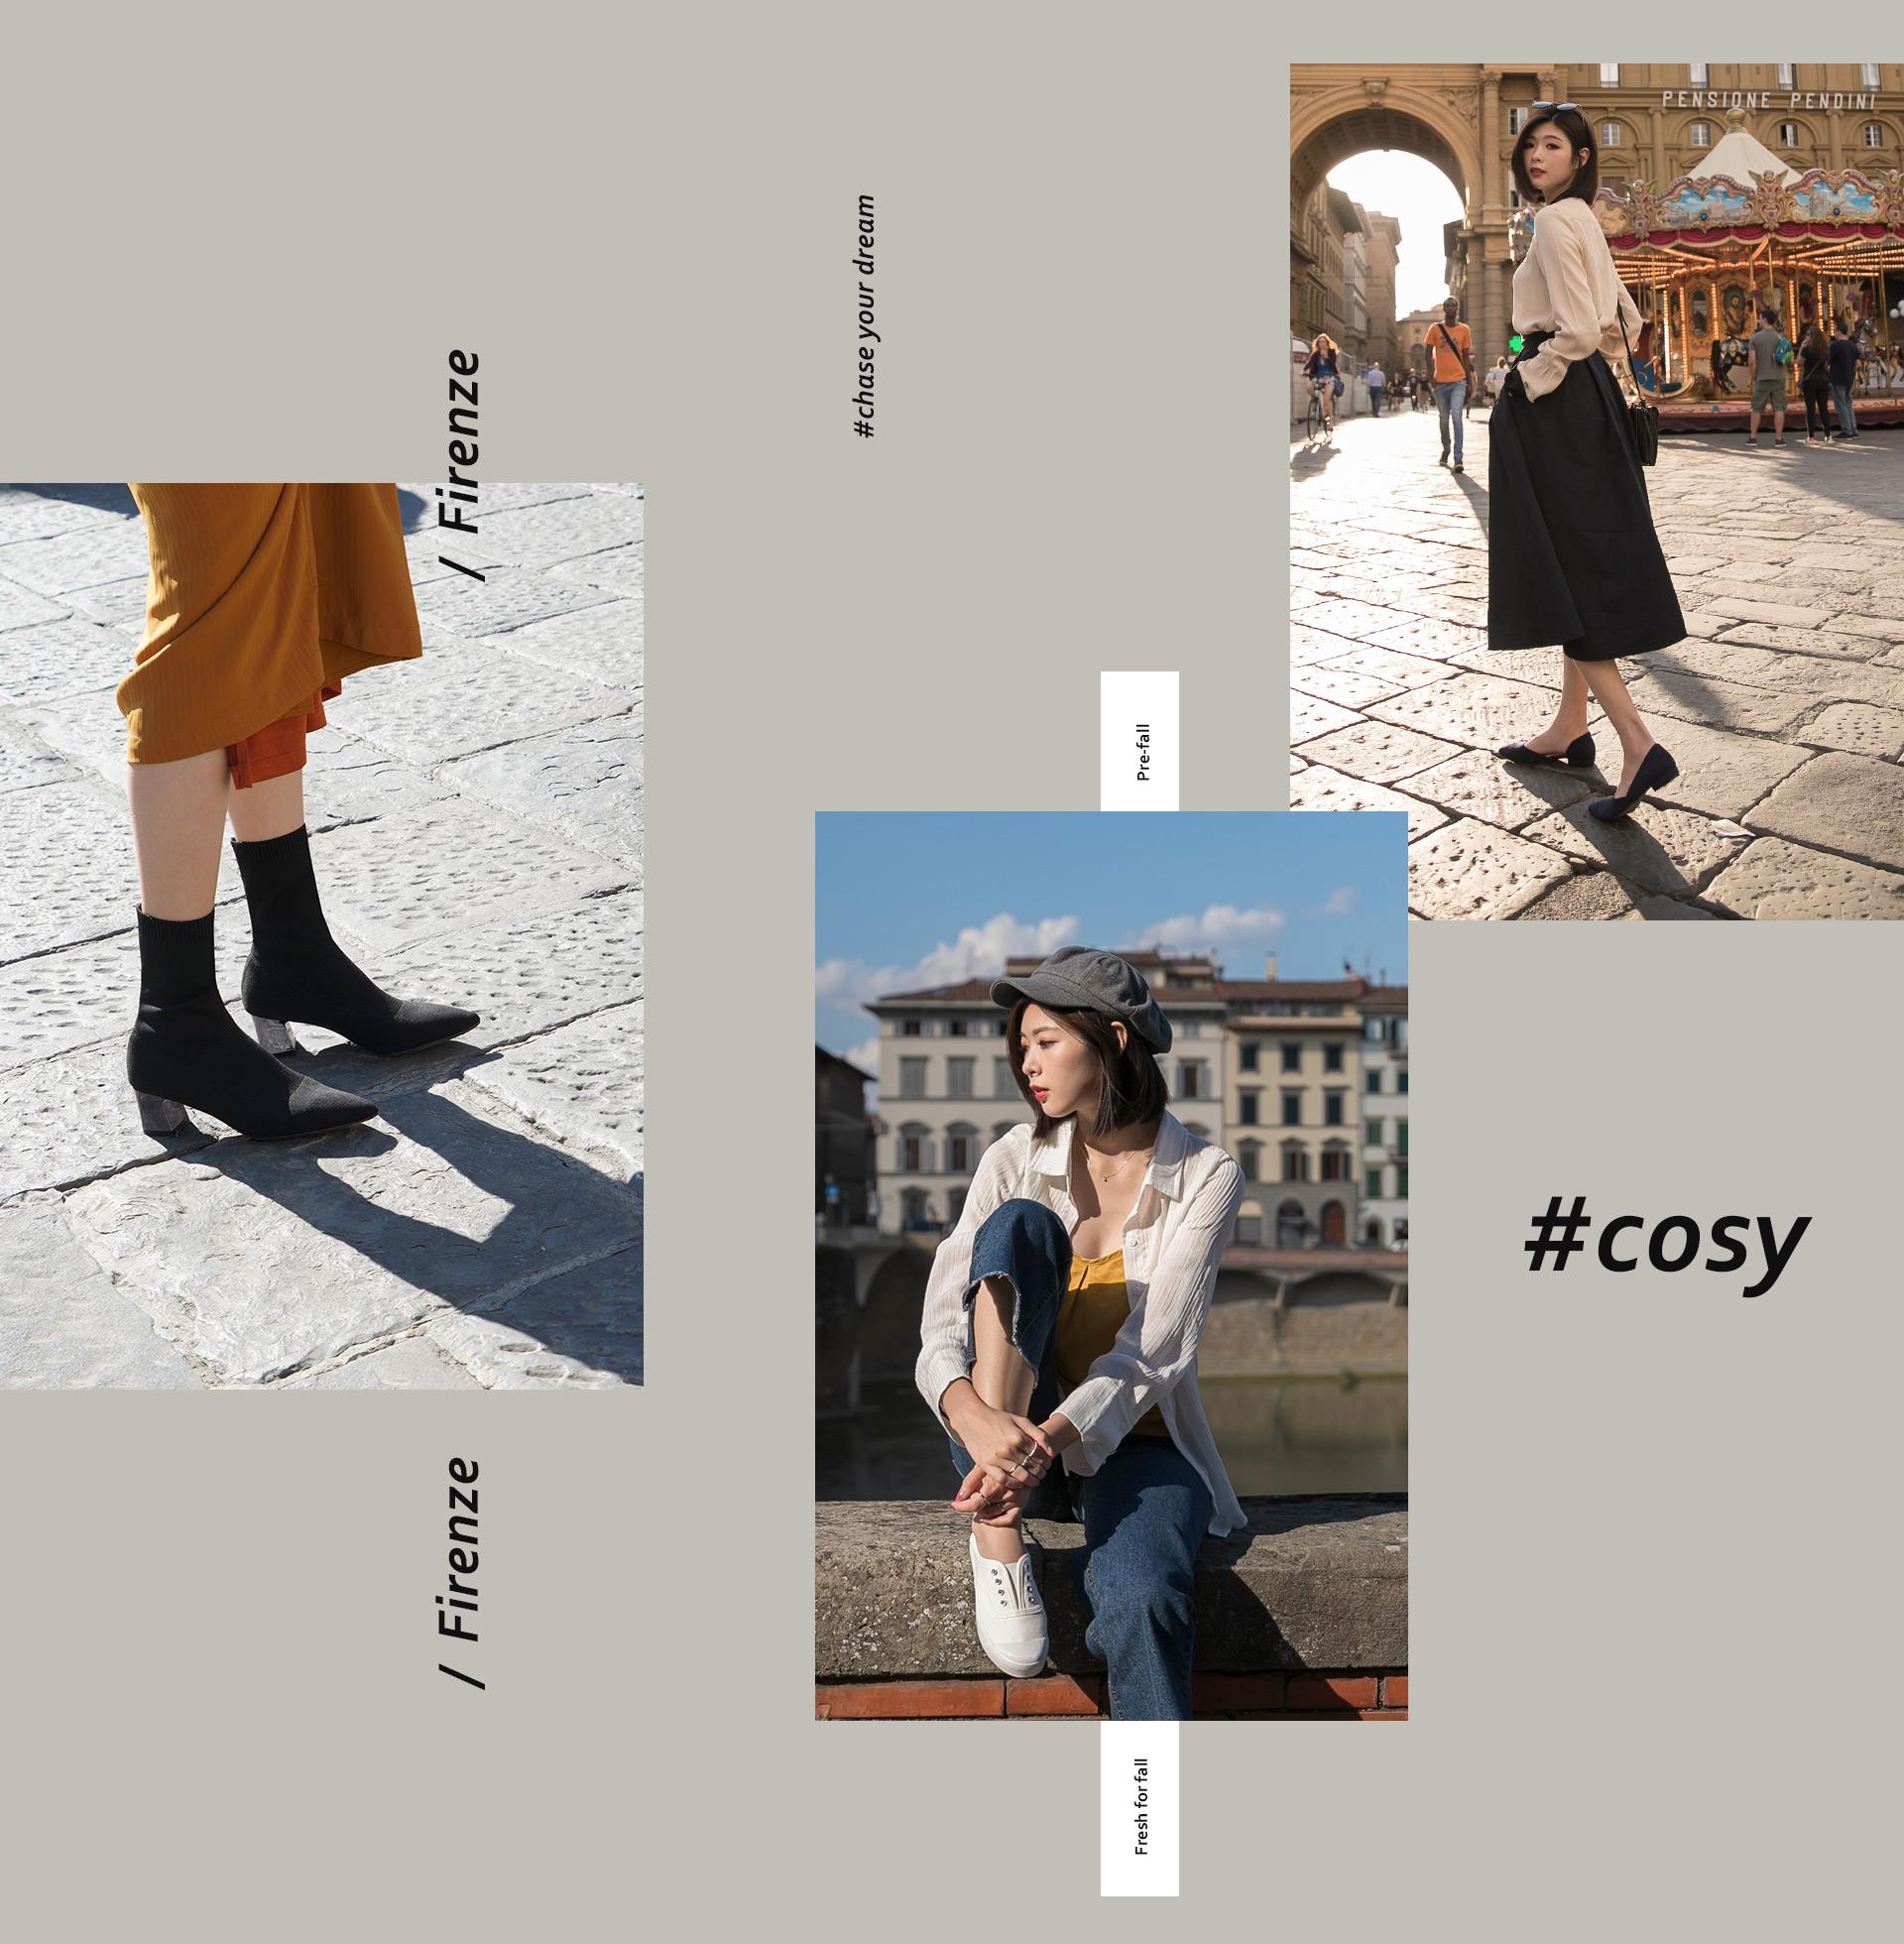 D+AF 秋冬女鞋靴義大利拍攝特輯-短靴 低跟鞋 休閒鞋